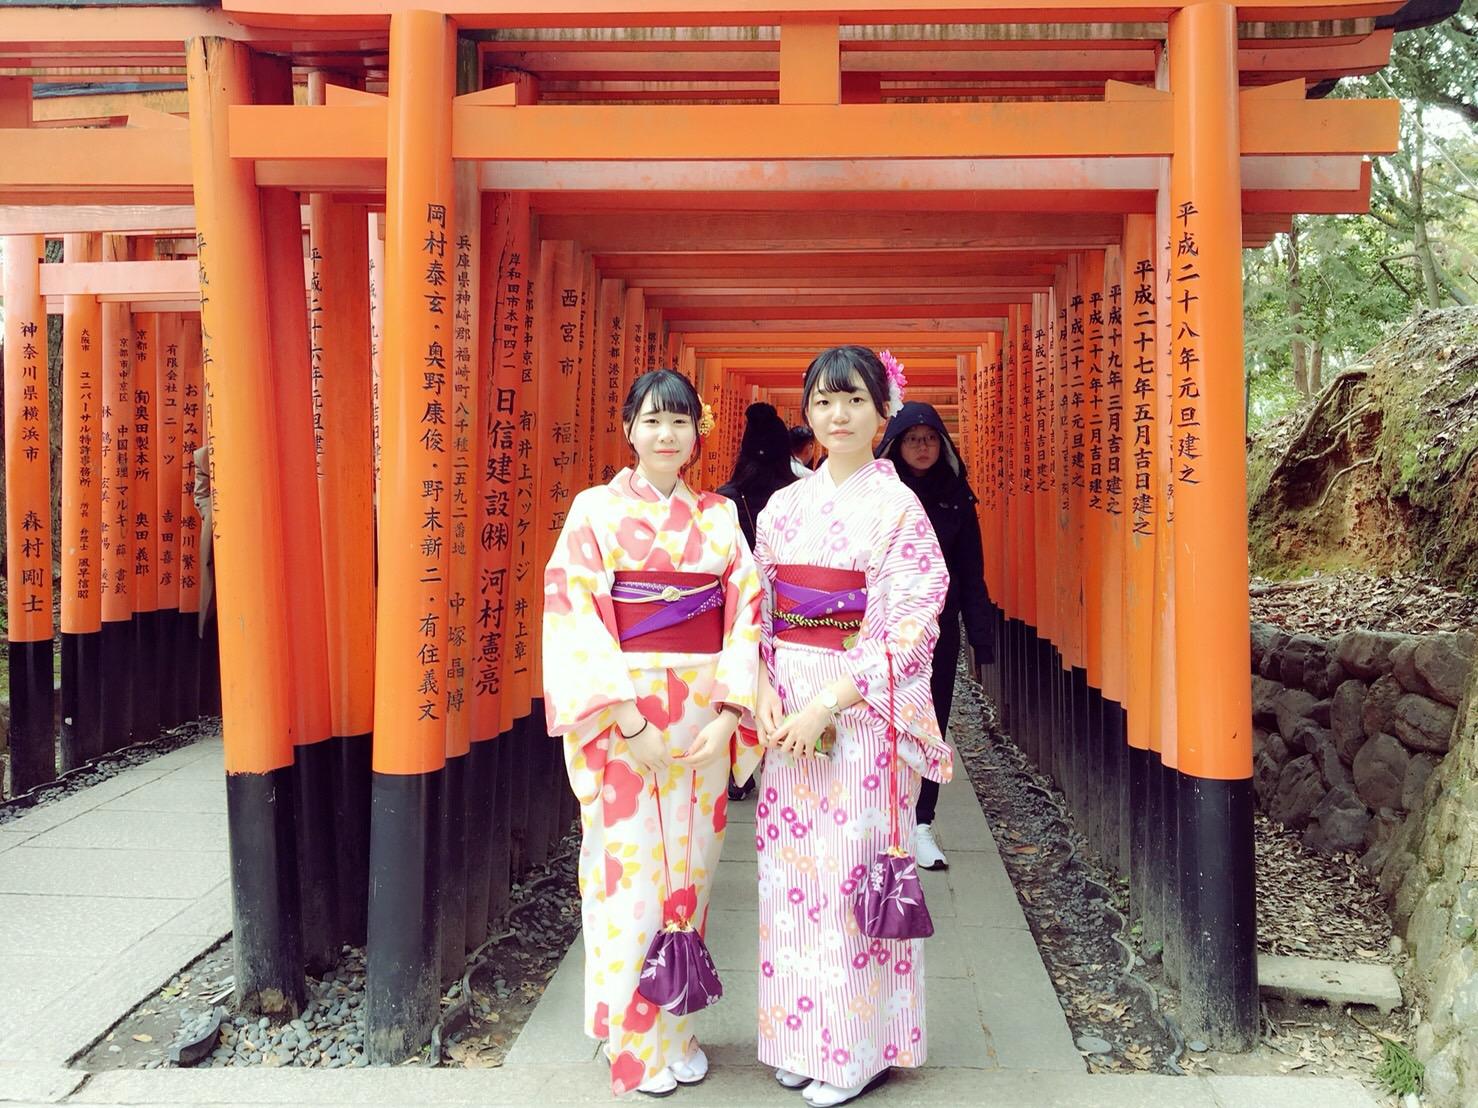 卒業旅行に着物で伏見稲荷大社へ♪2019年3月13日5